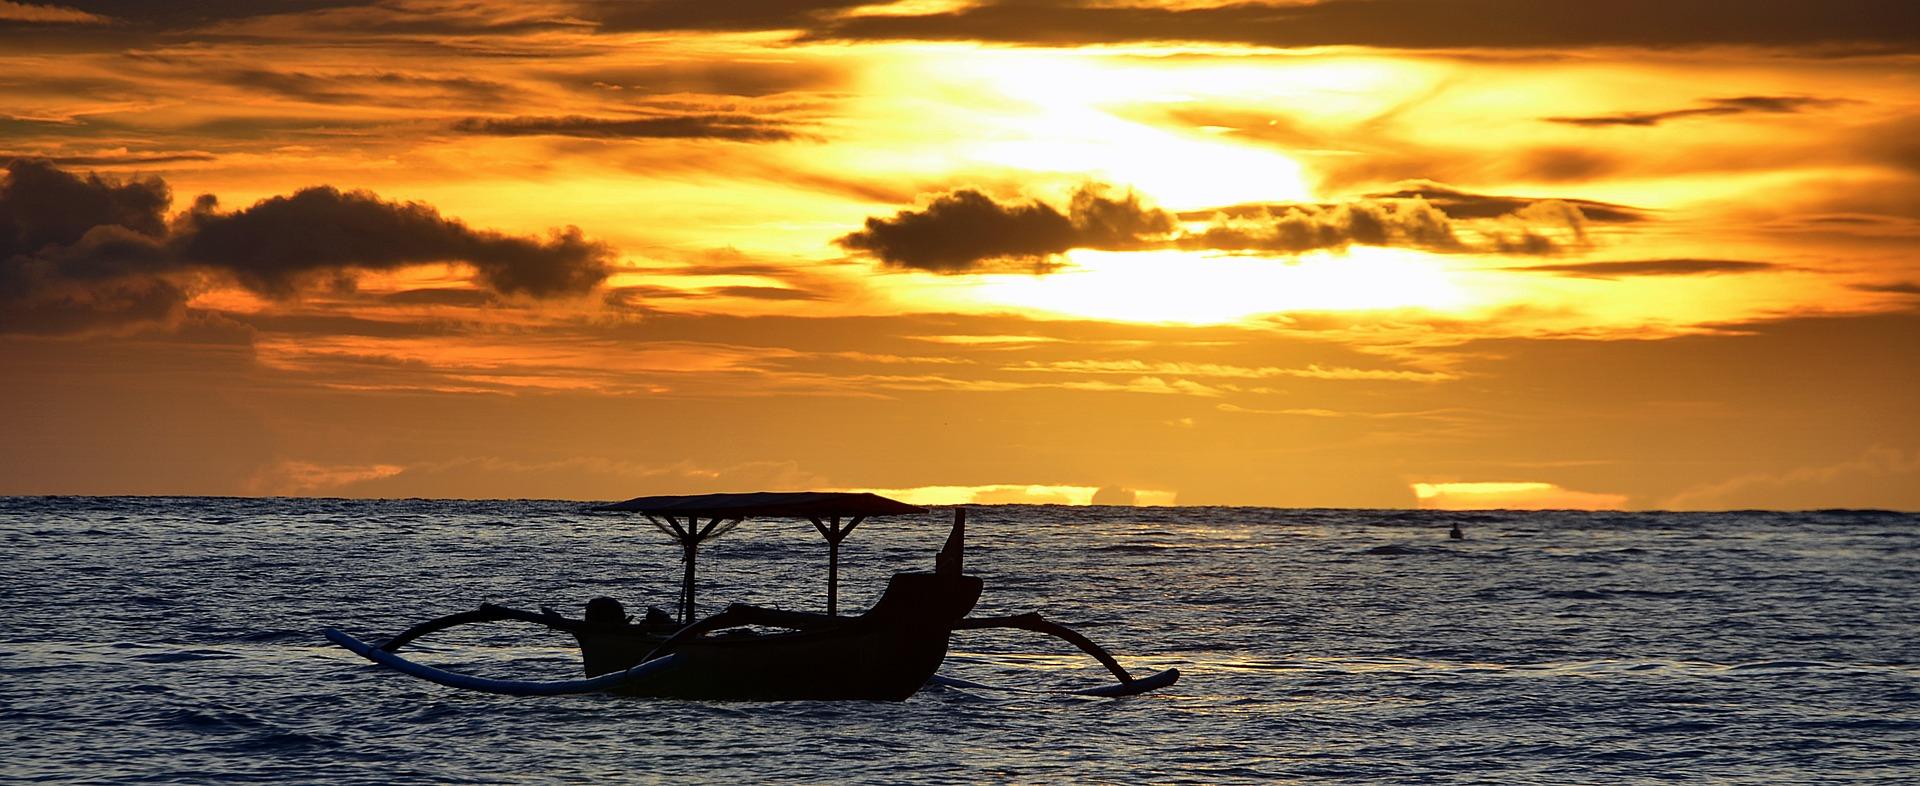 Najpoželjnije destinacije za 2018: Od prelepih plaža Filipina i Španije, preko evropske skockanosti do kaldrme Tbilisija